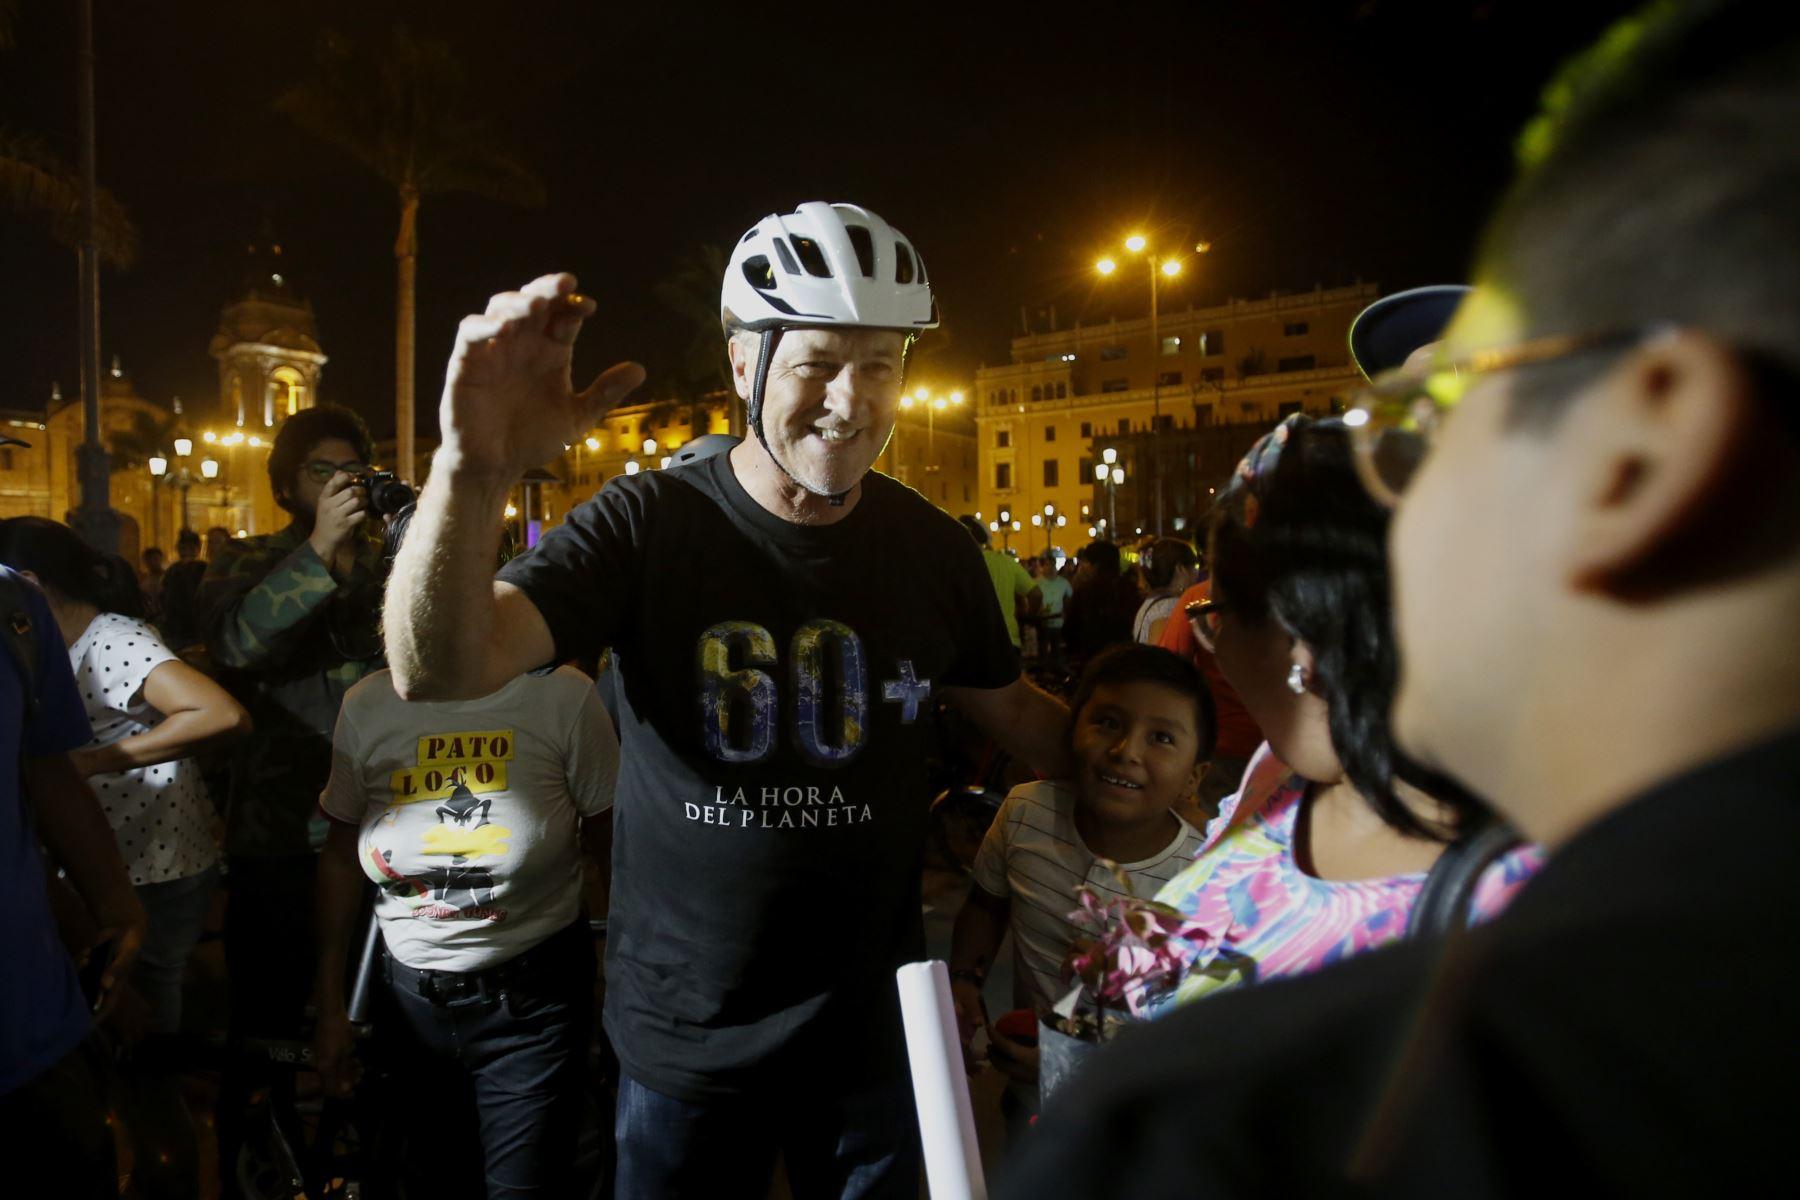 Presidente Martín Vizcarra acompaña al alcalde Jorge Muñoz y a la sociedad civil en el acto simbólico por la hora del planeta realizado en la Plaza de Armas de LIma.  Foto: ANDINA/Nathalie Sayago